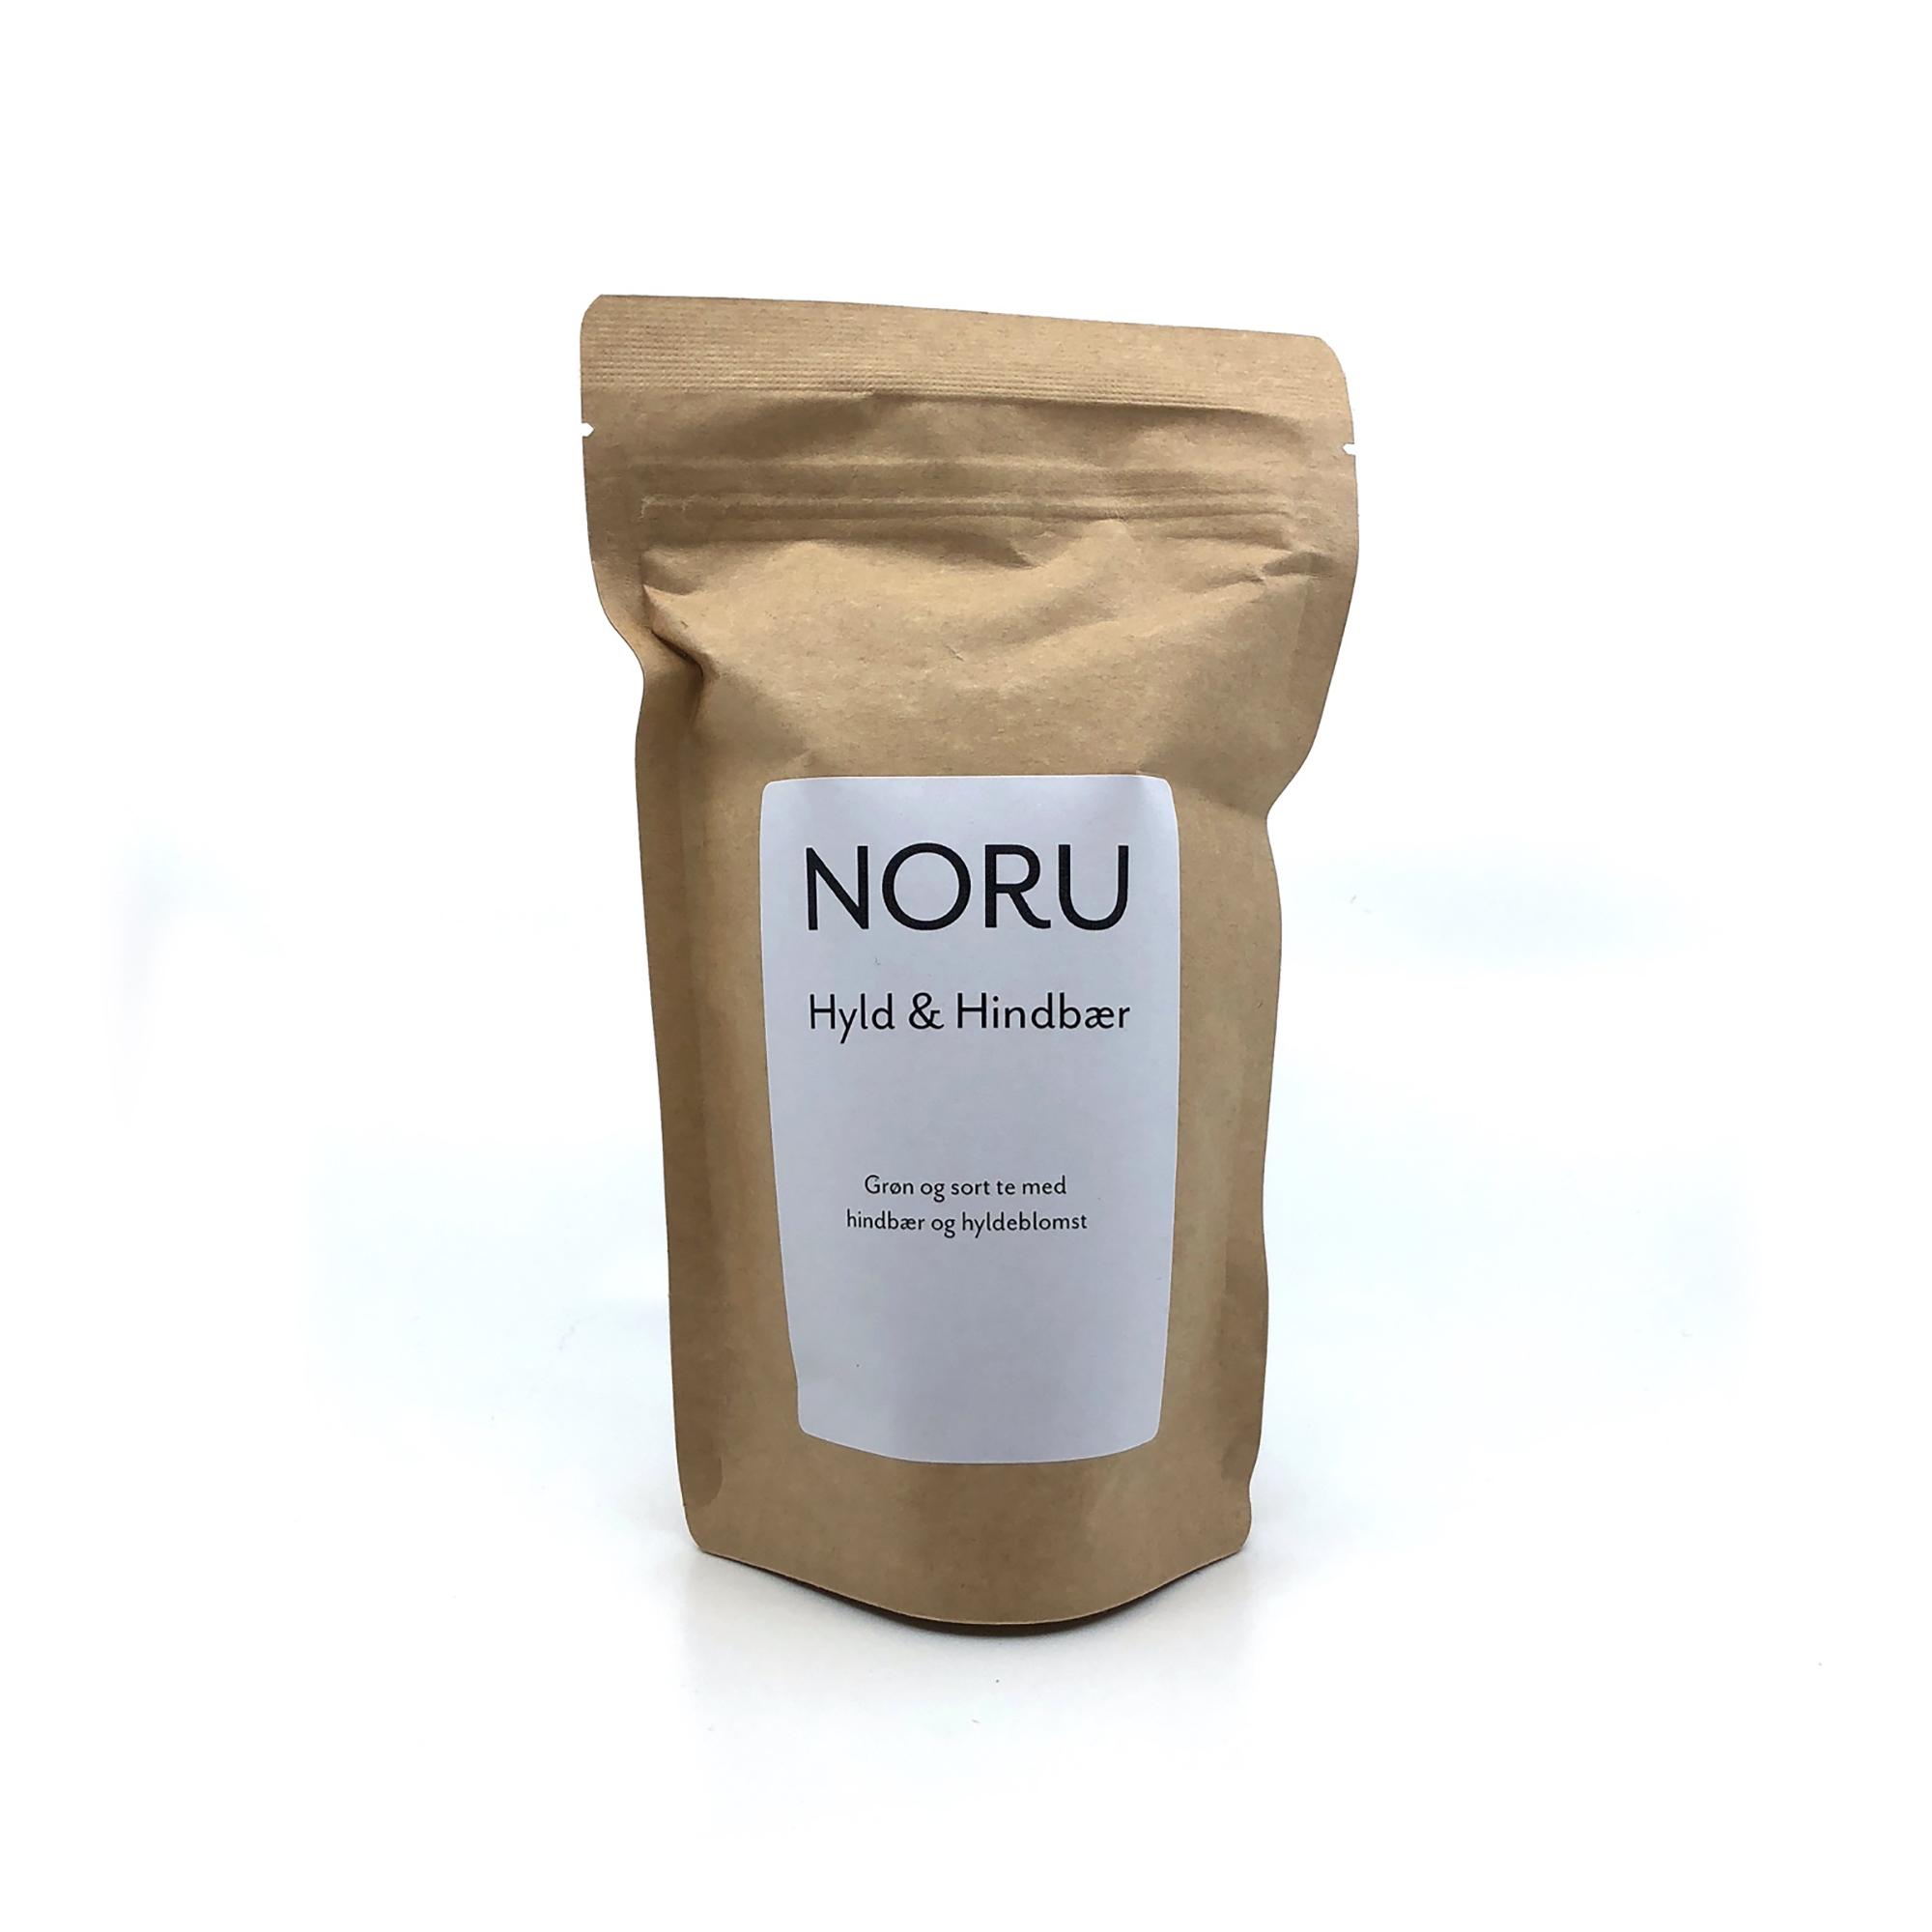 Billede af NORU, Hyld og Hindbær te, 100 gram